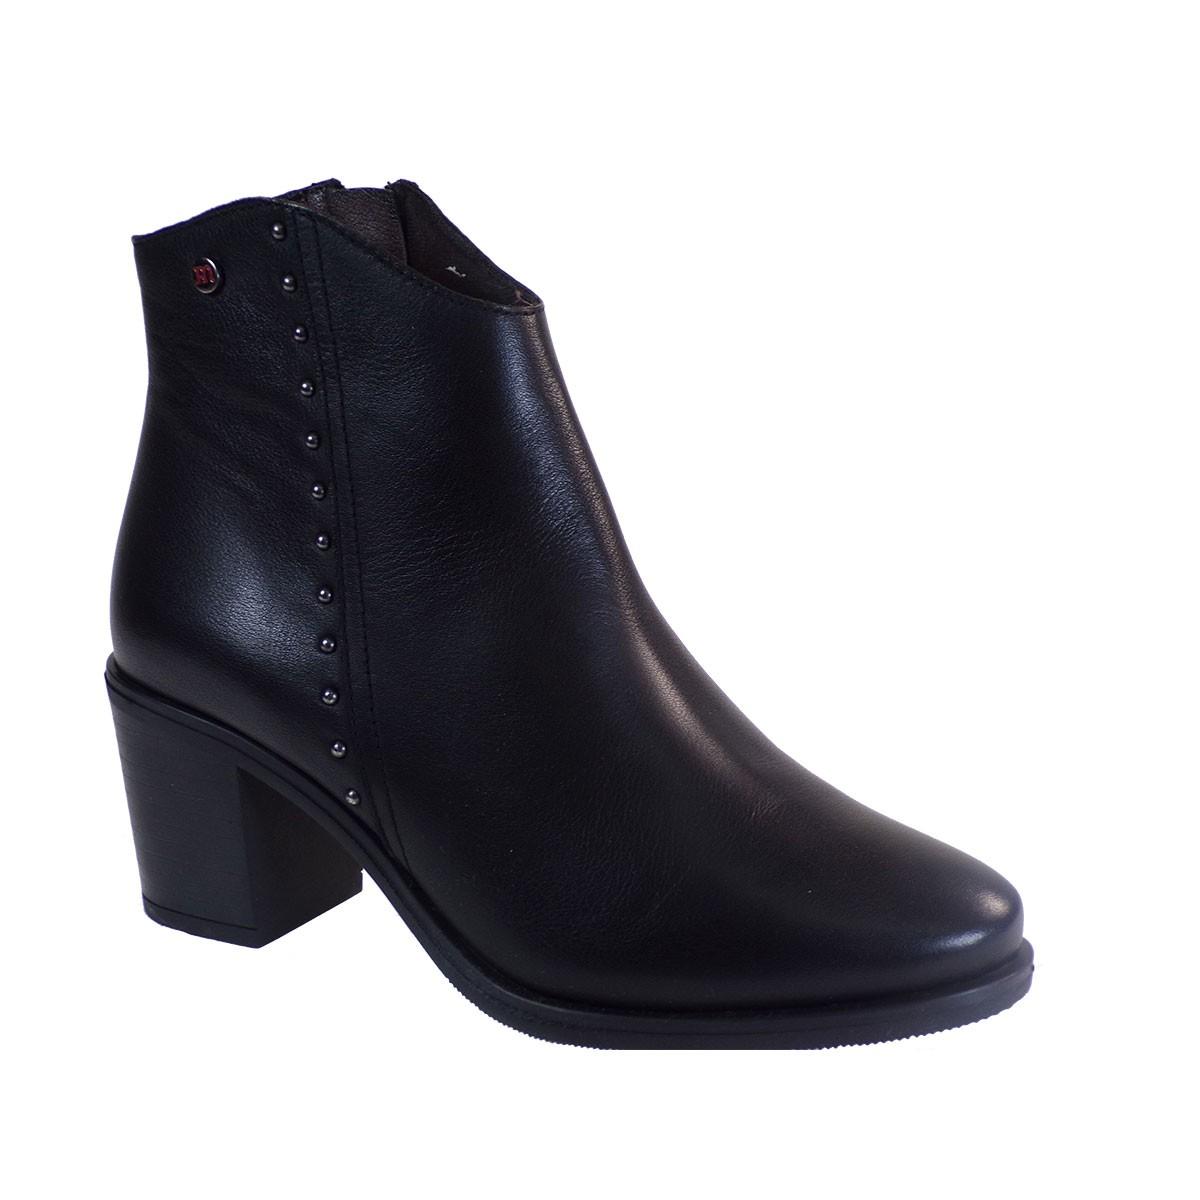 PEPE MENARGUES SHOES Γυναικεία Παπούτσια Μποτάκια 20423 Μαύρο Δέρμα